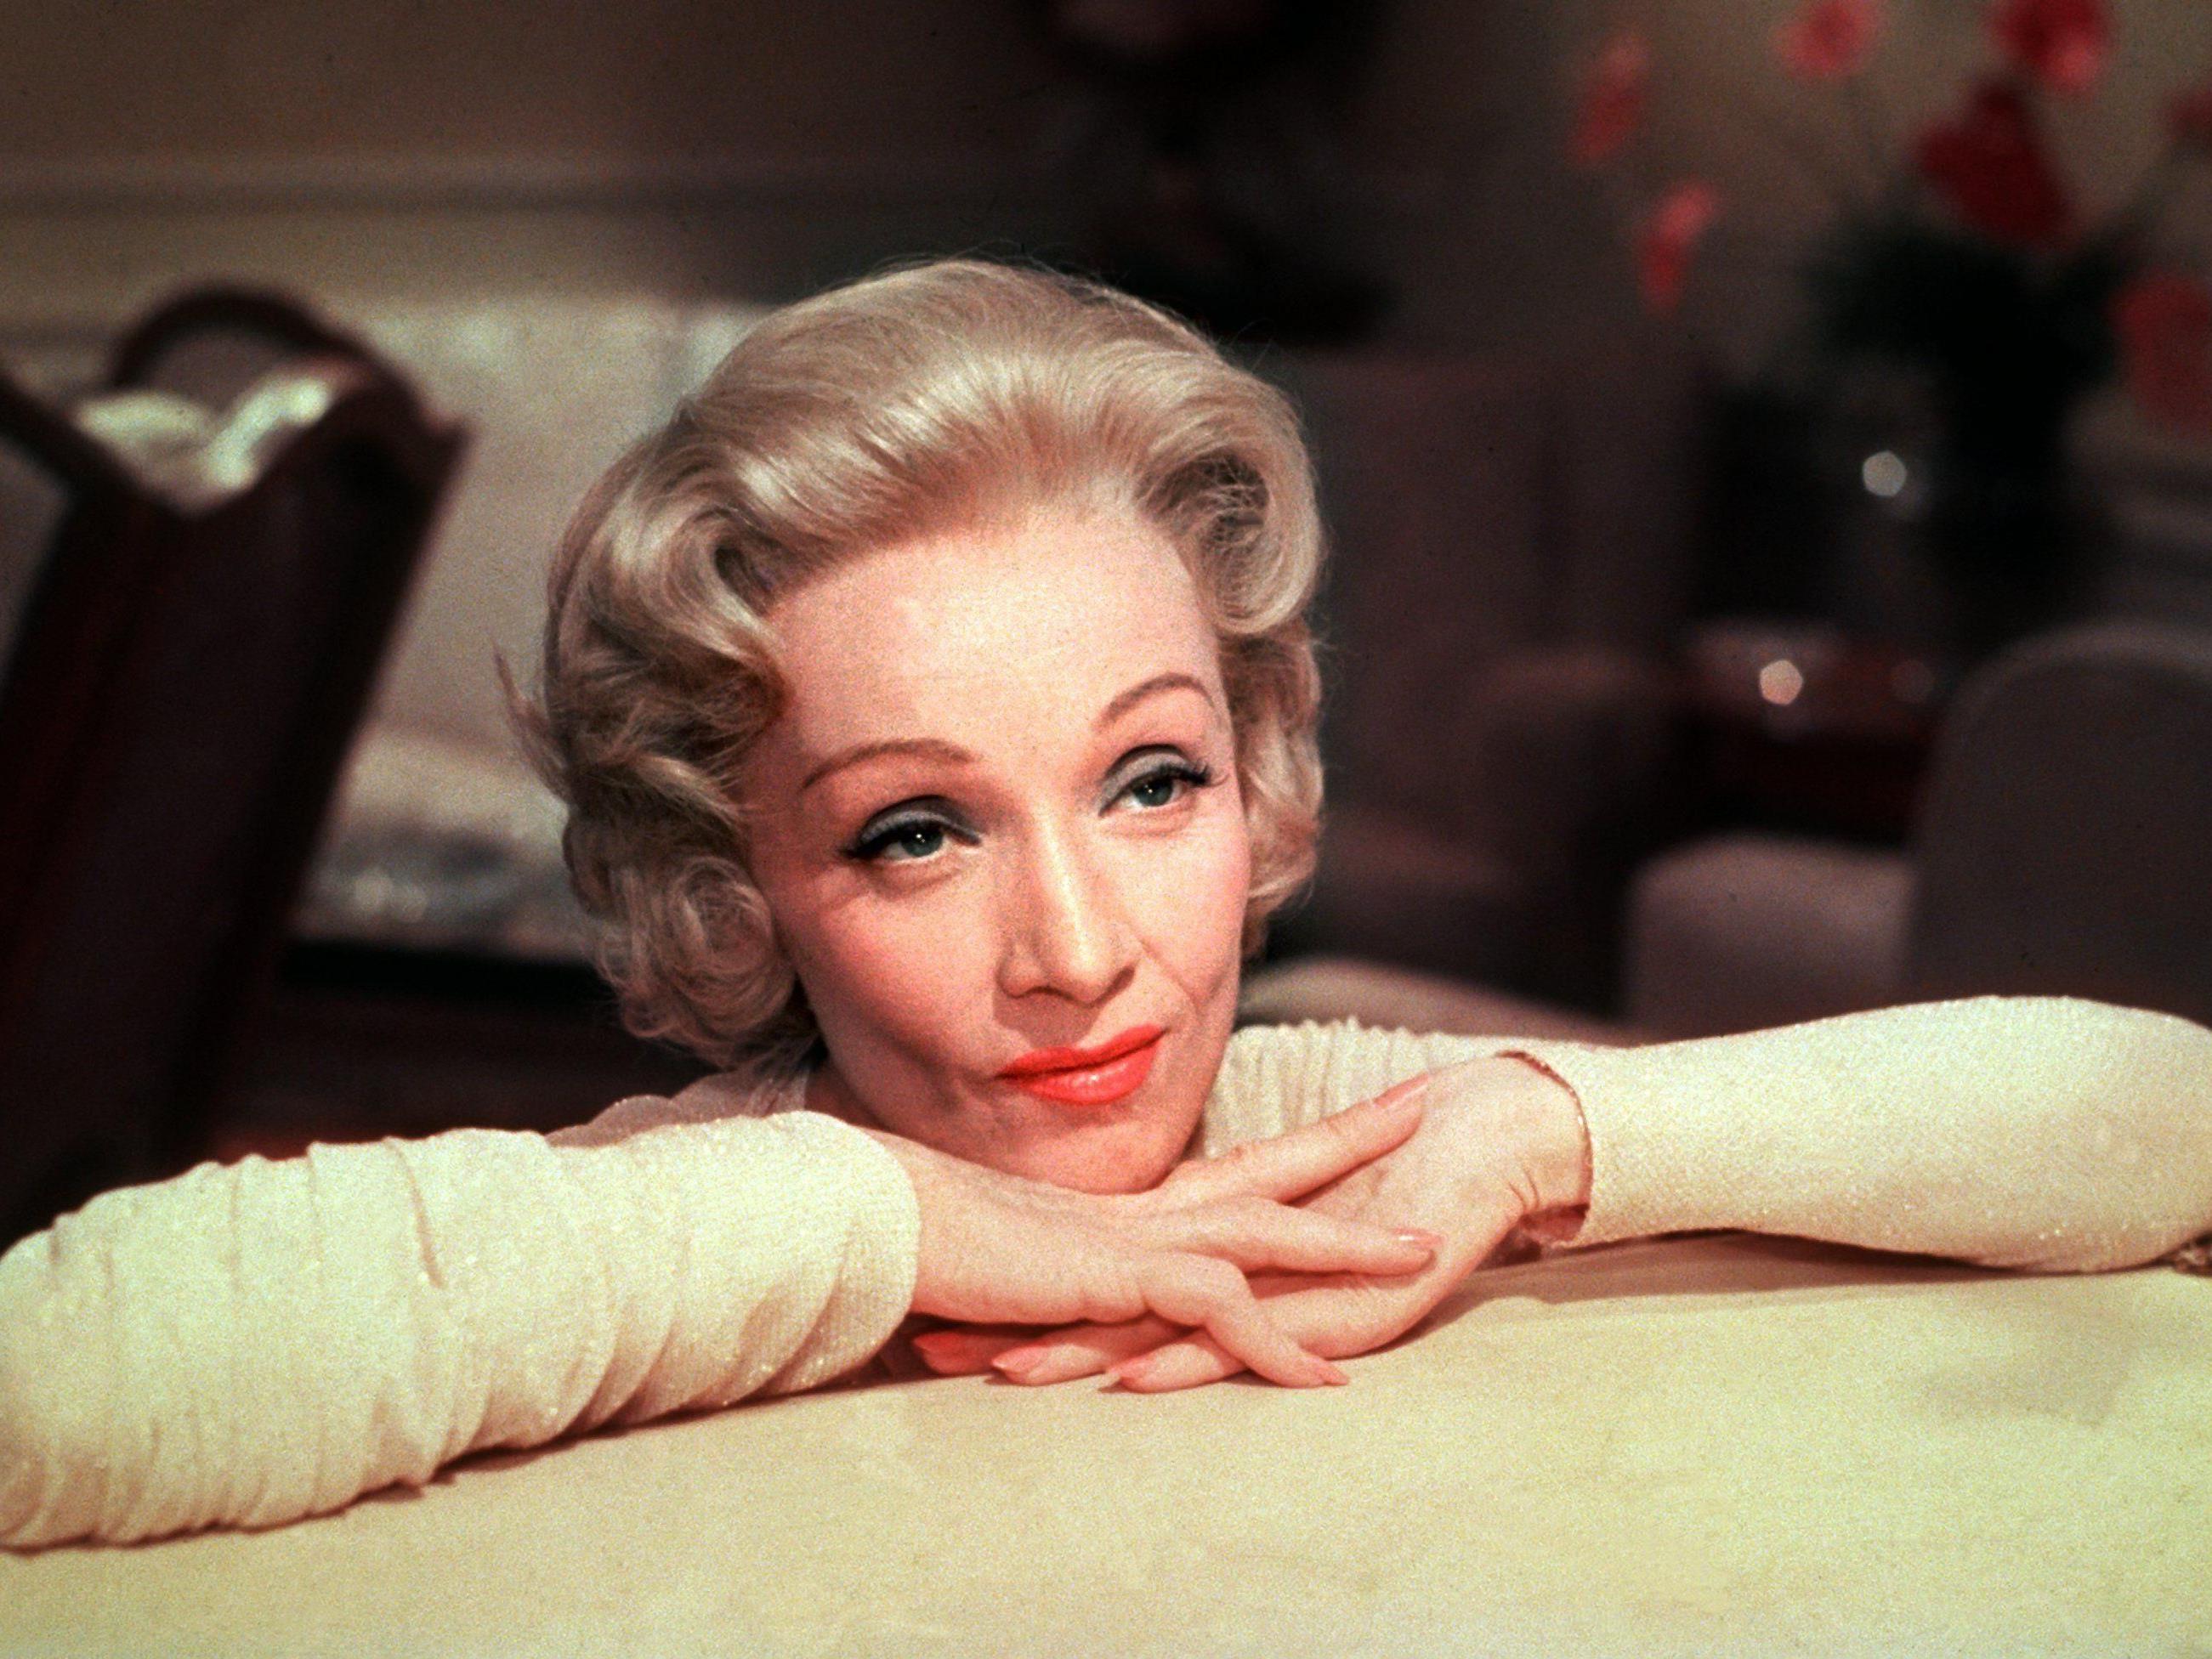 Der Weltstar starb 6. Mai 1992 im Alter von 90 Jahren in Paris.